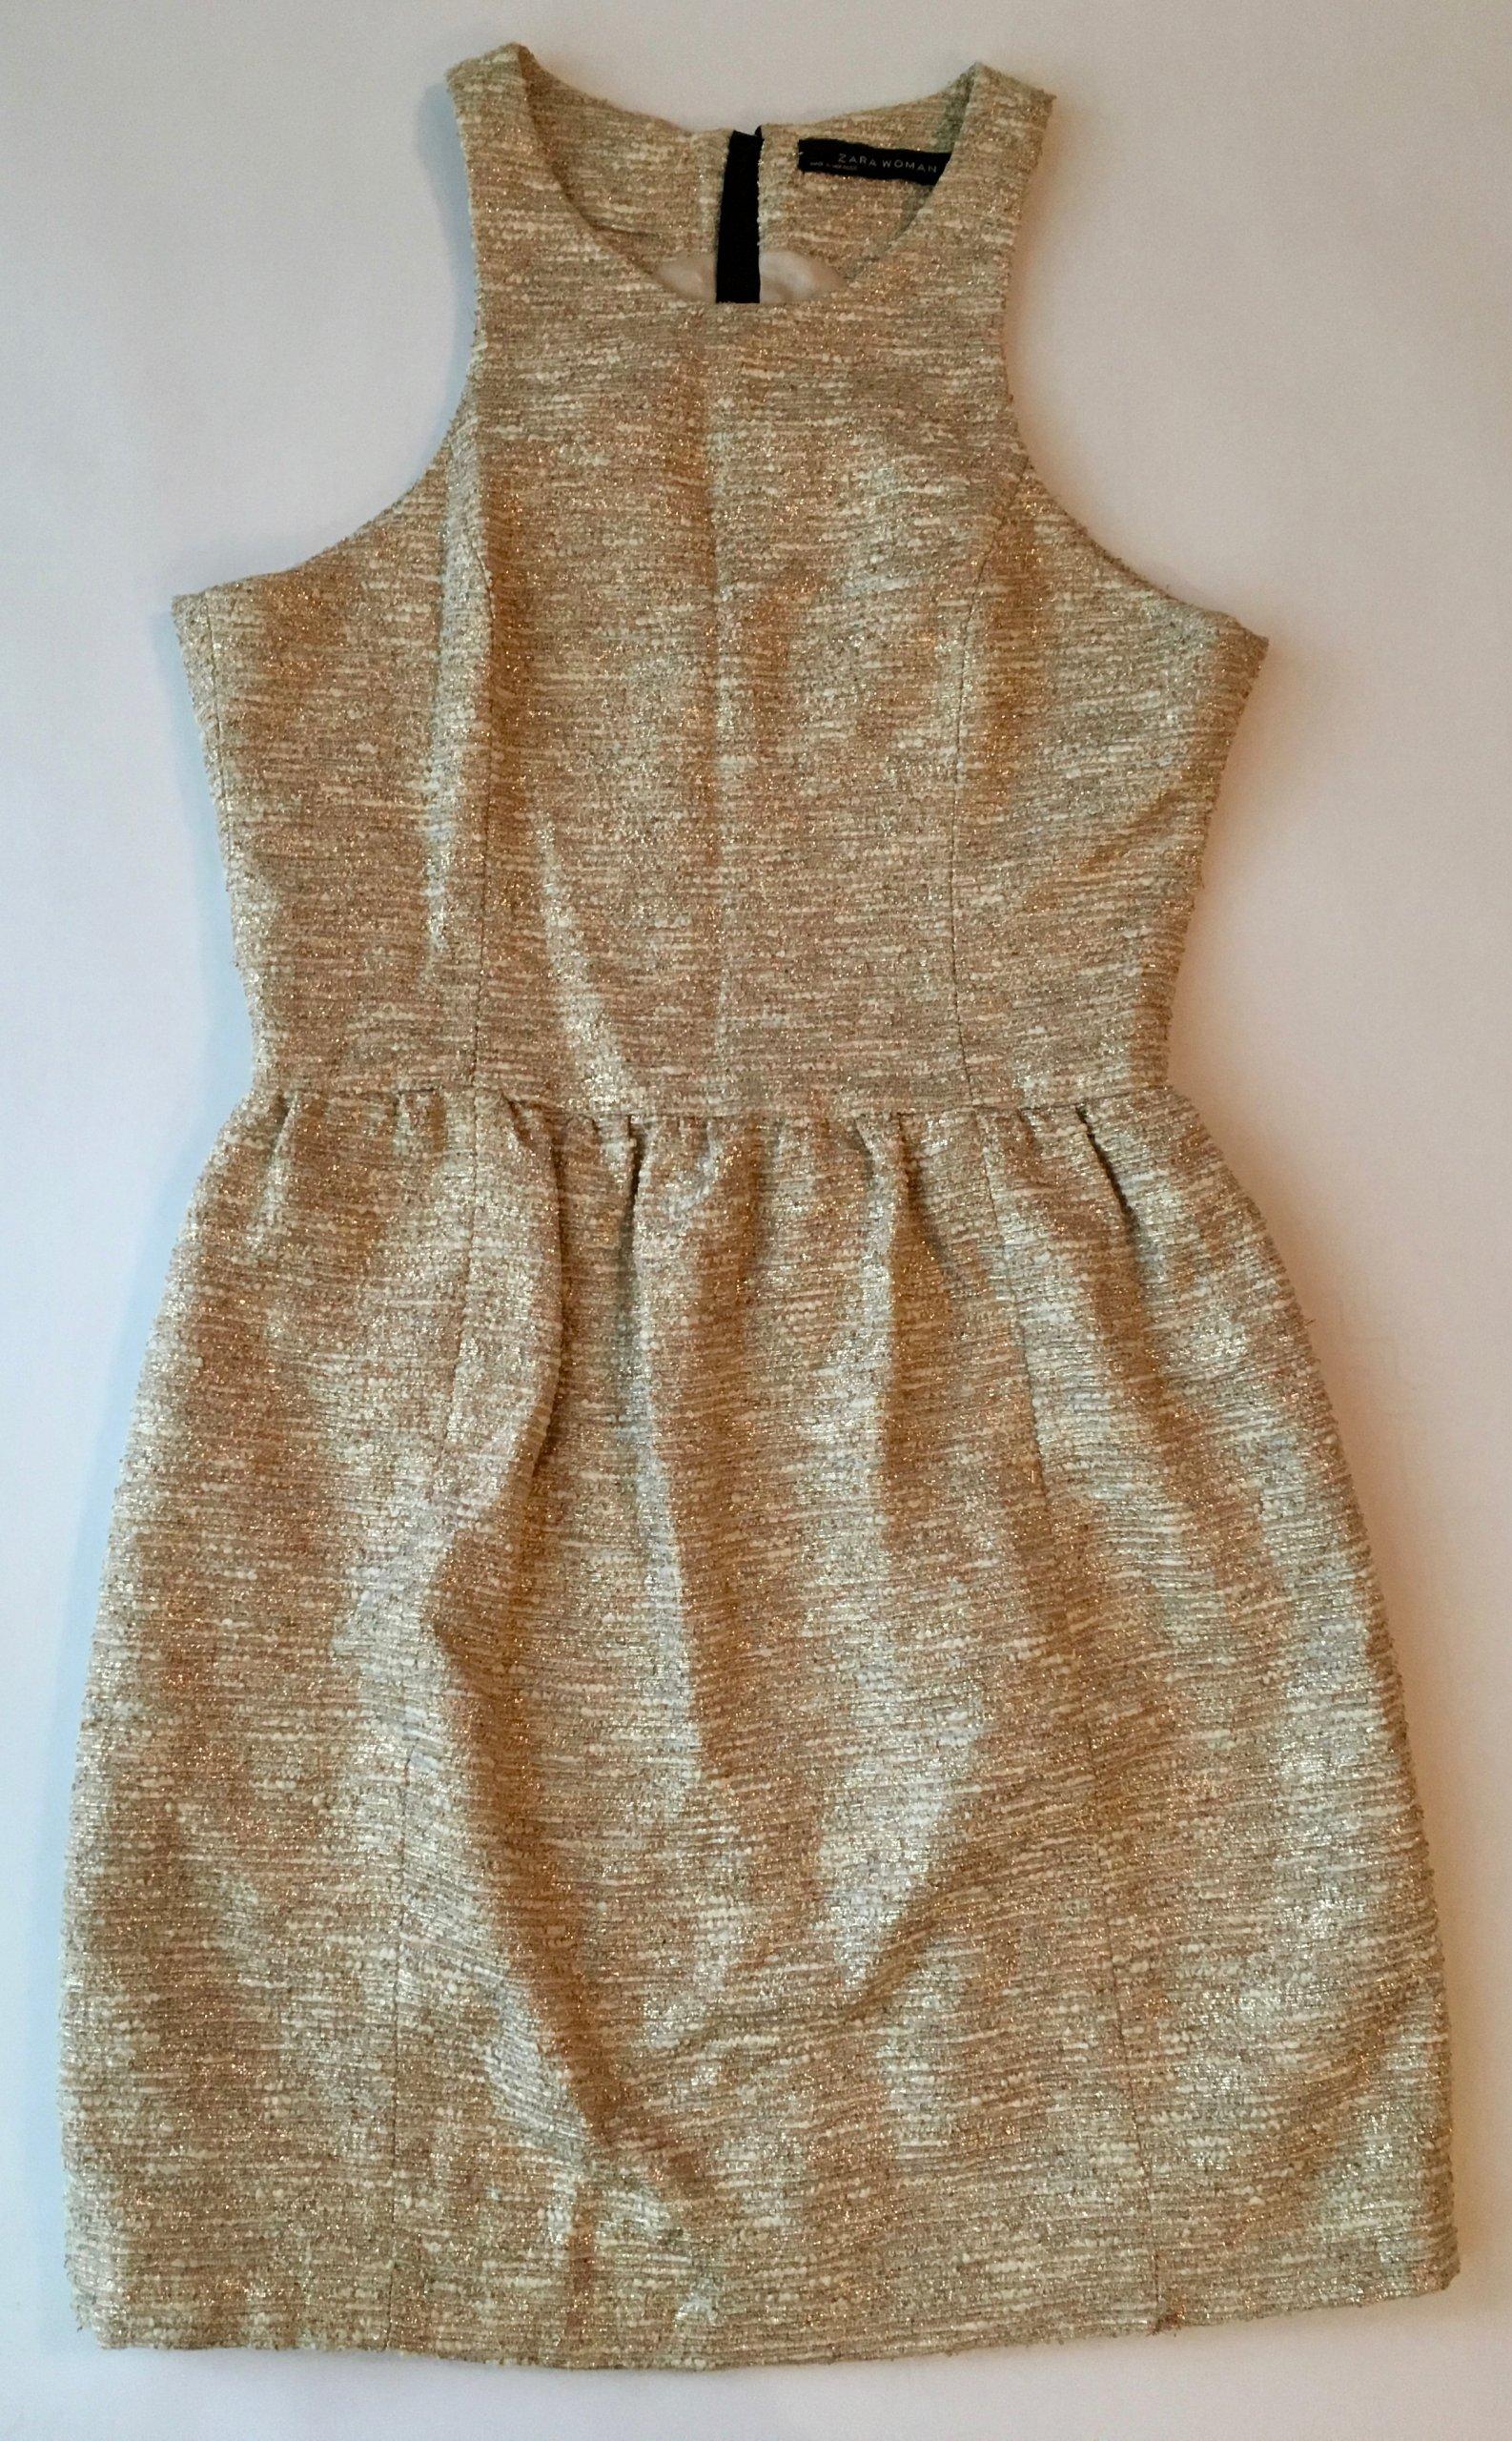 b2d9515ace47 Sukienka złota ZARA 36 - 7128853549 - oficjalne archiwum allegro